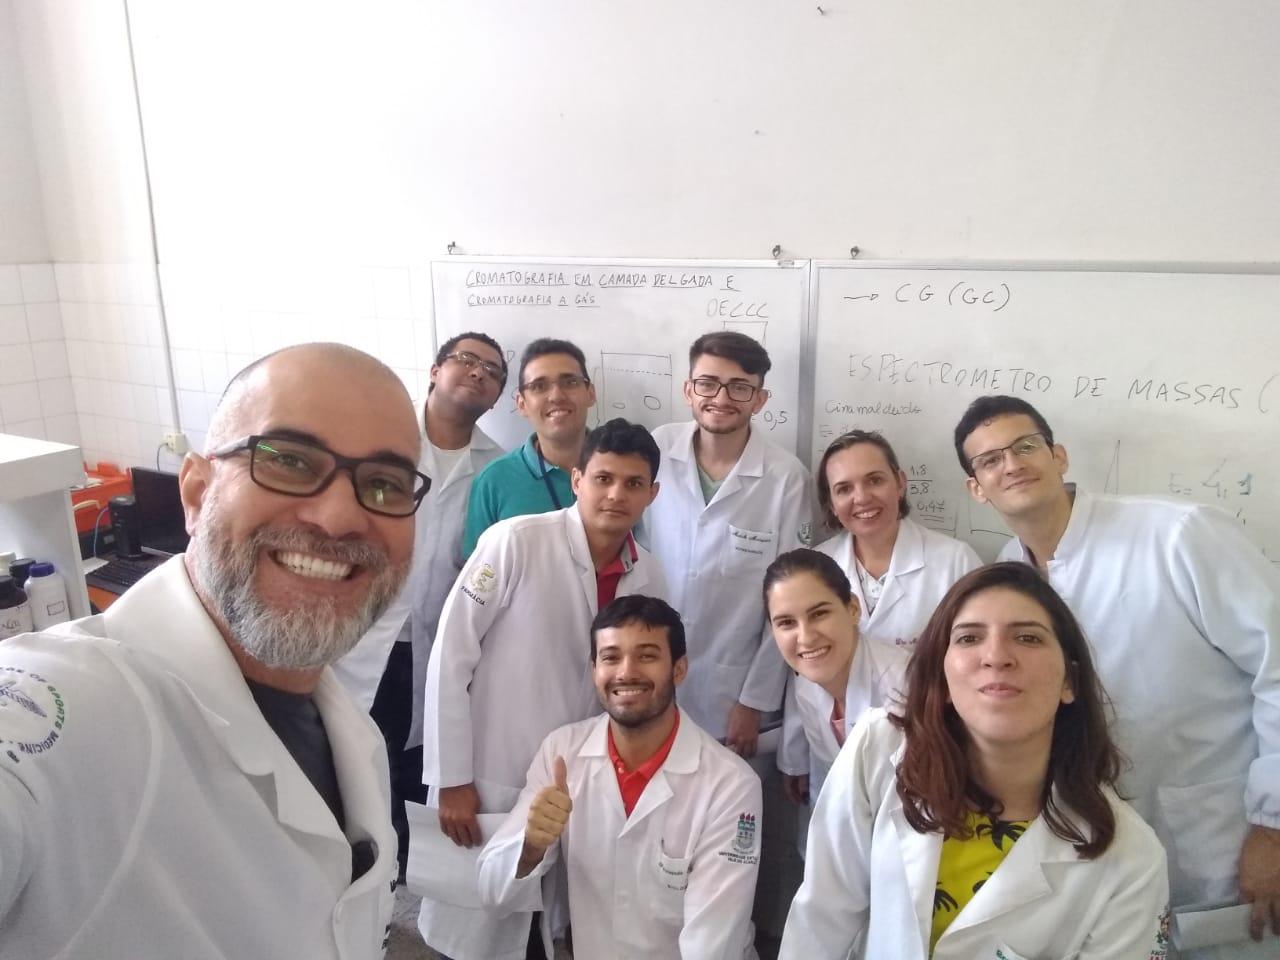 Aula prática de Cromatografia com os professores responsáveis: Magda Elisa Turini da Cunha e Geovany Amorim Gomes